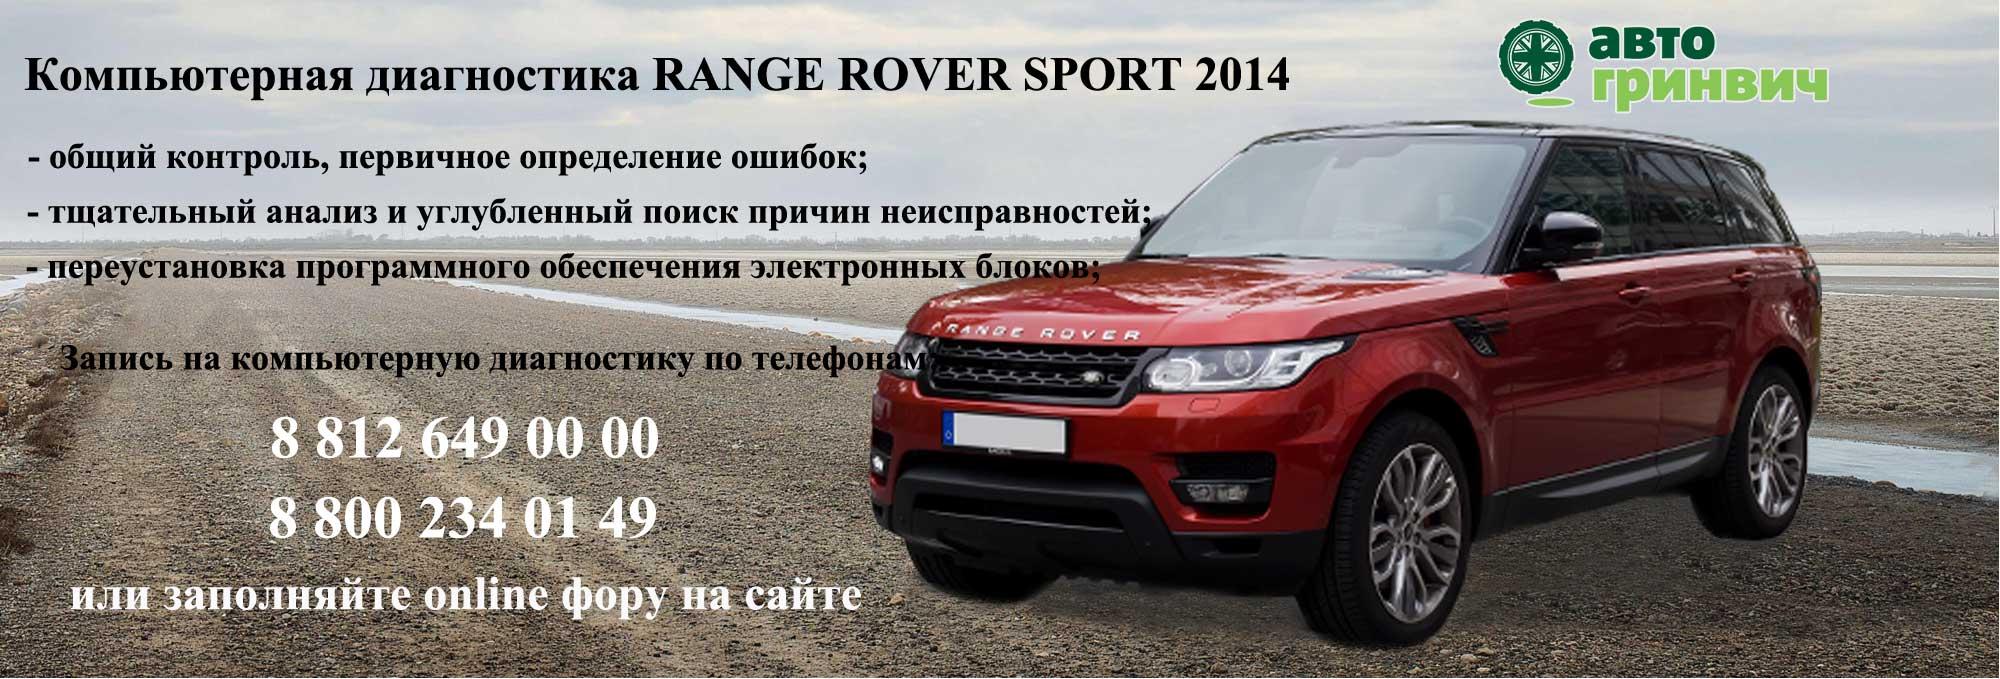 Диагностика Range Rover Sport 2014